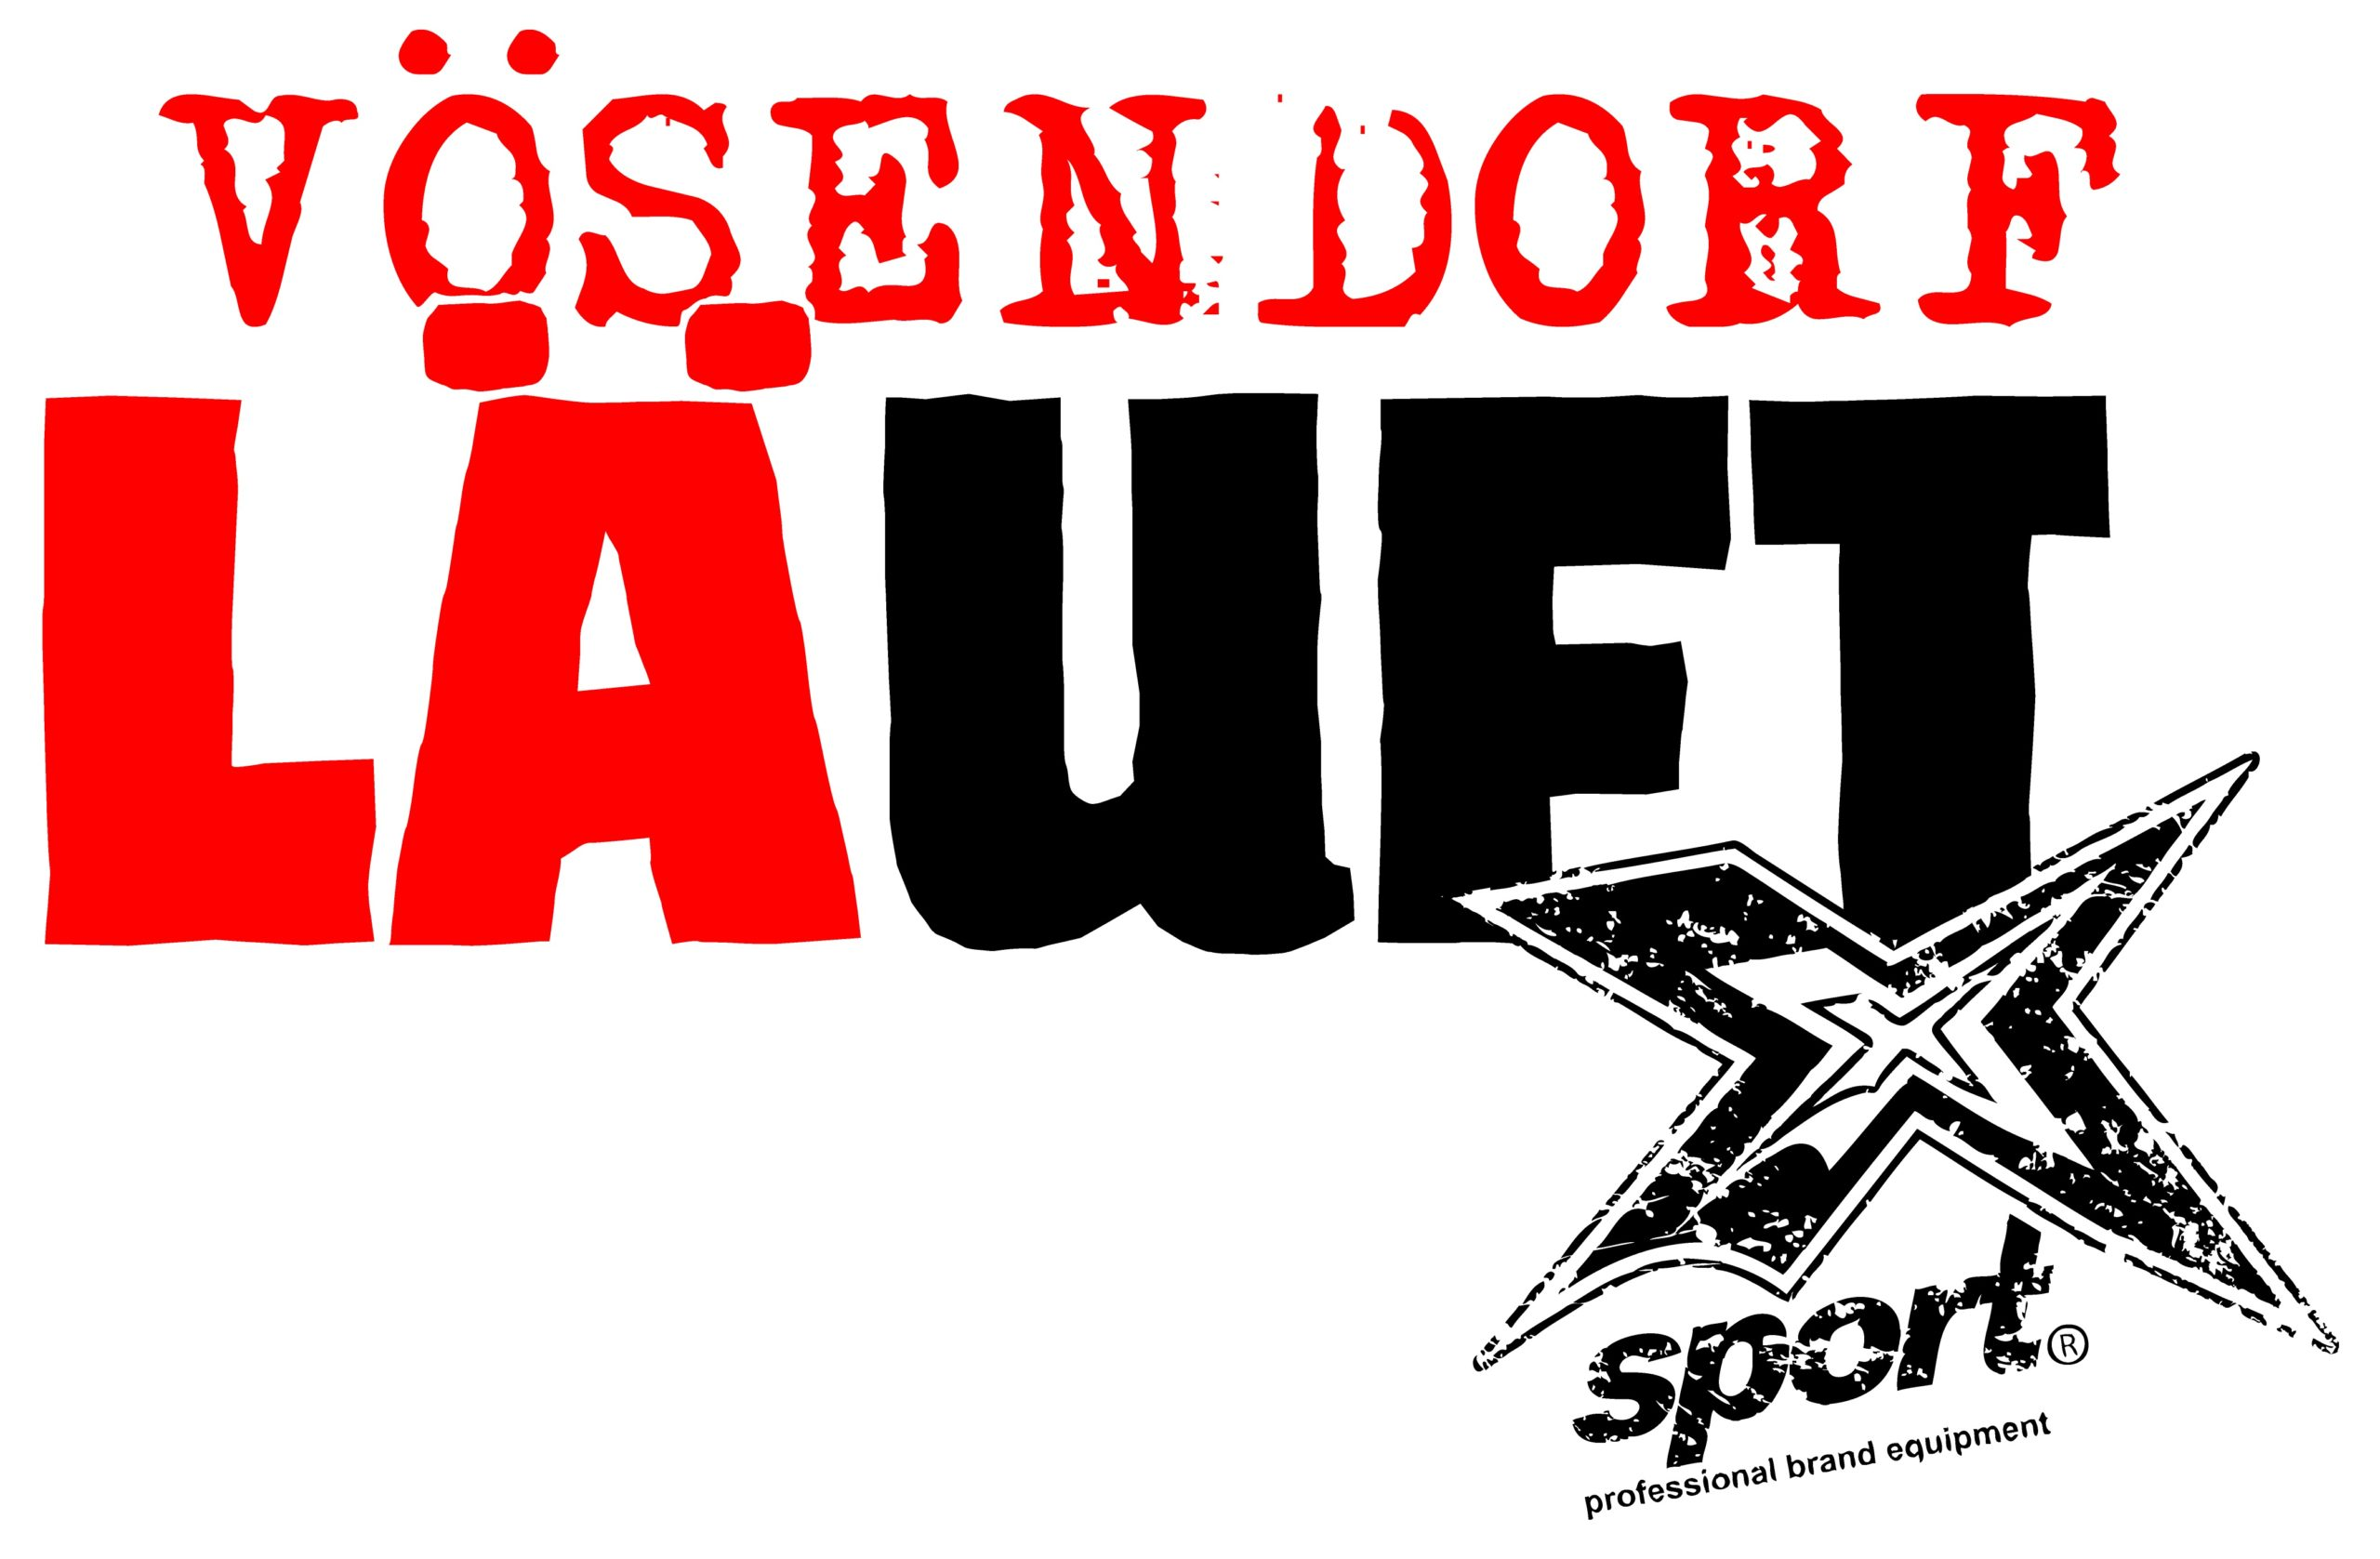 voesendorf-laeuft-logo